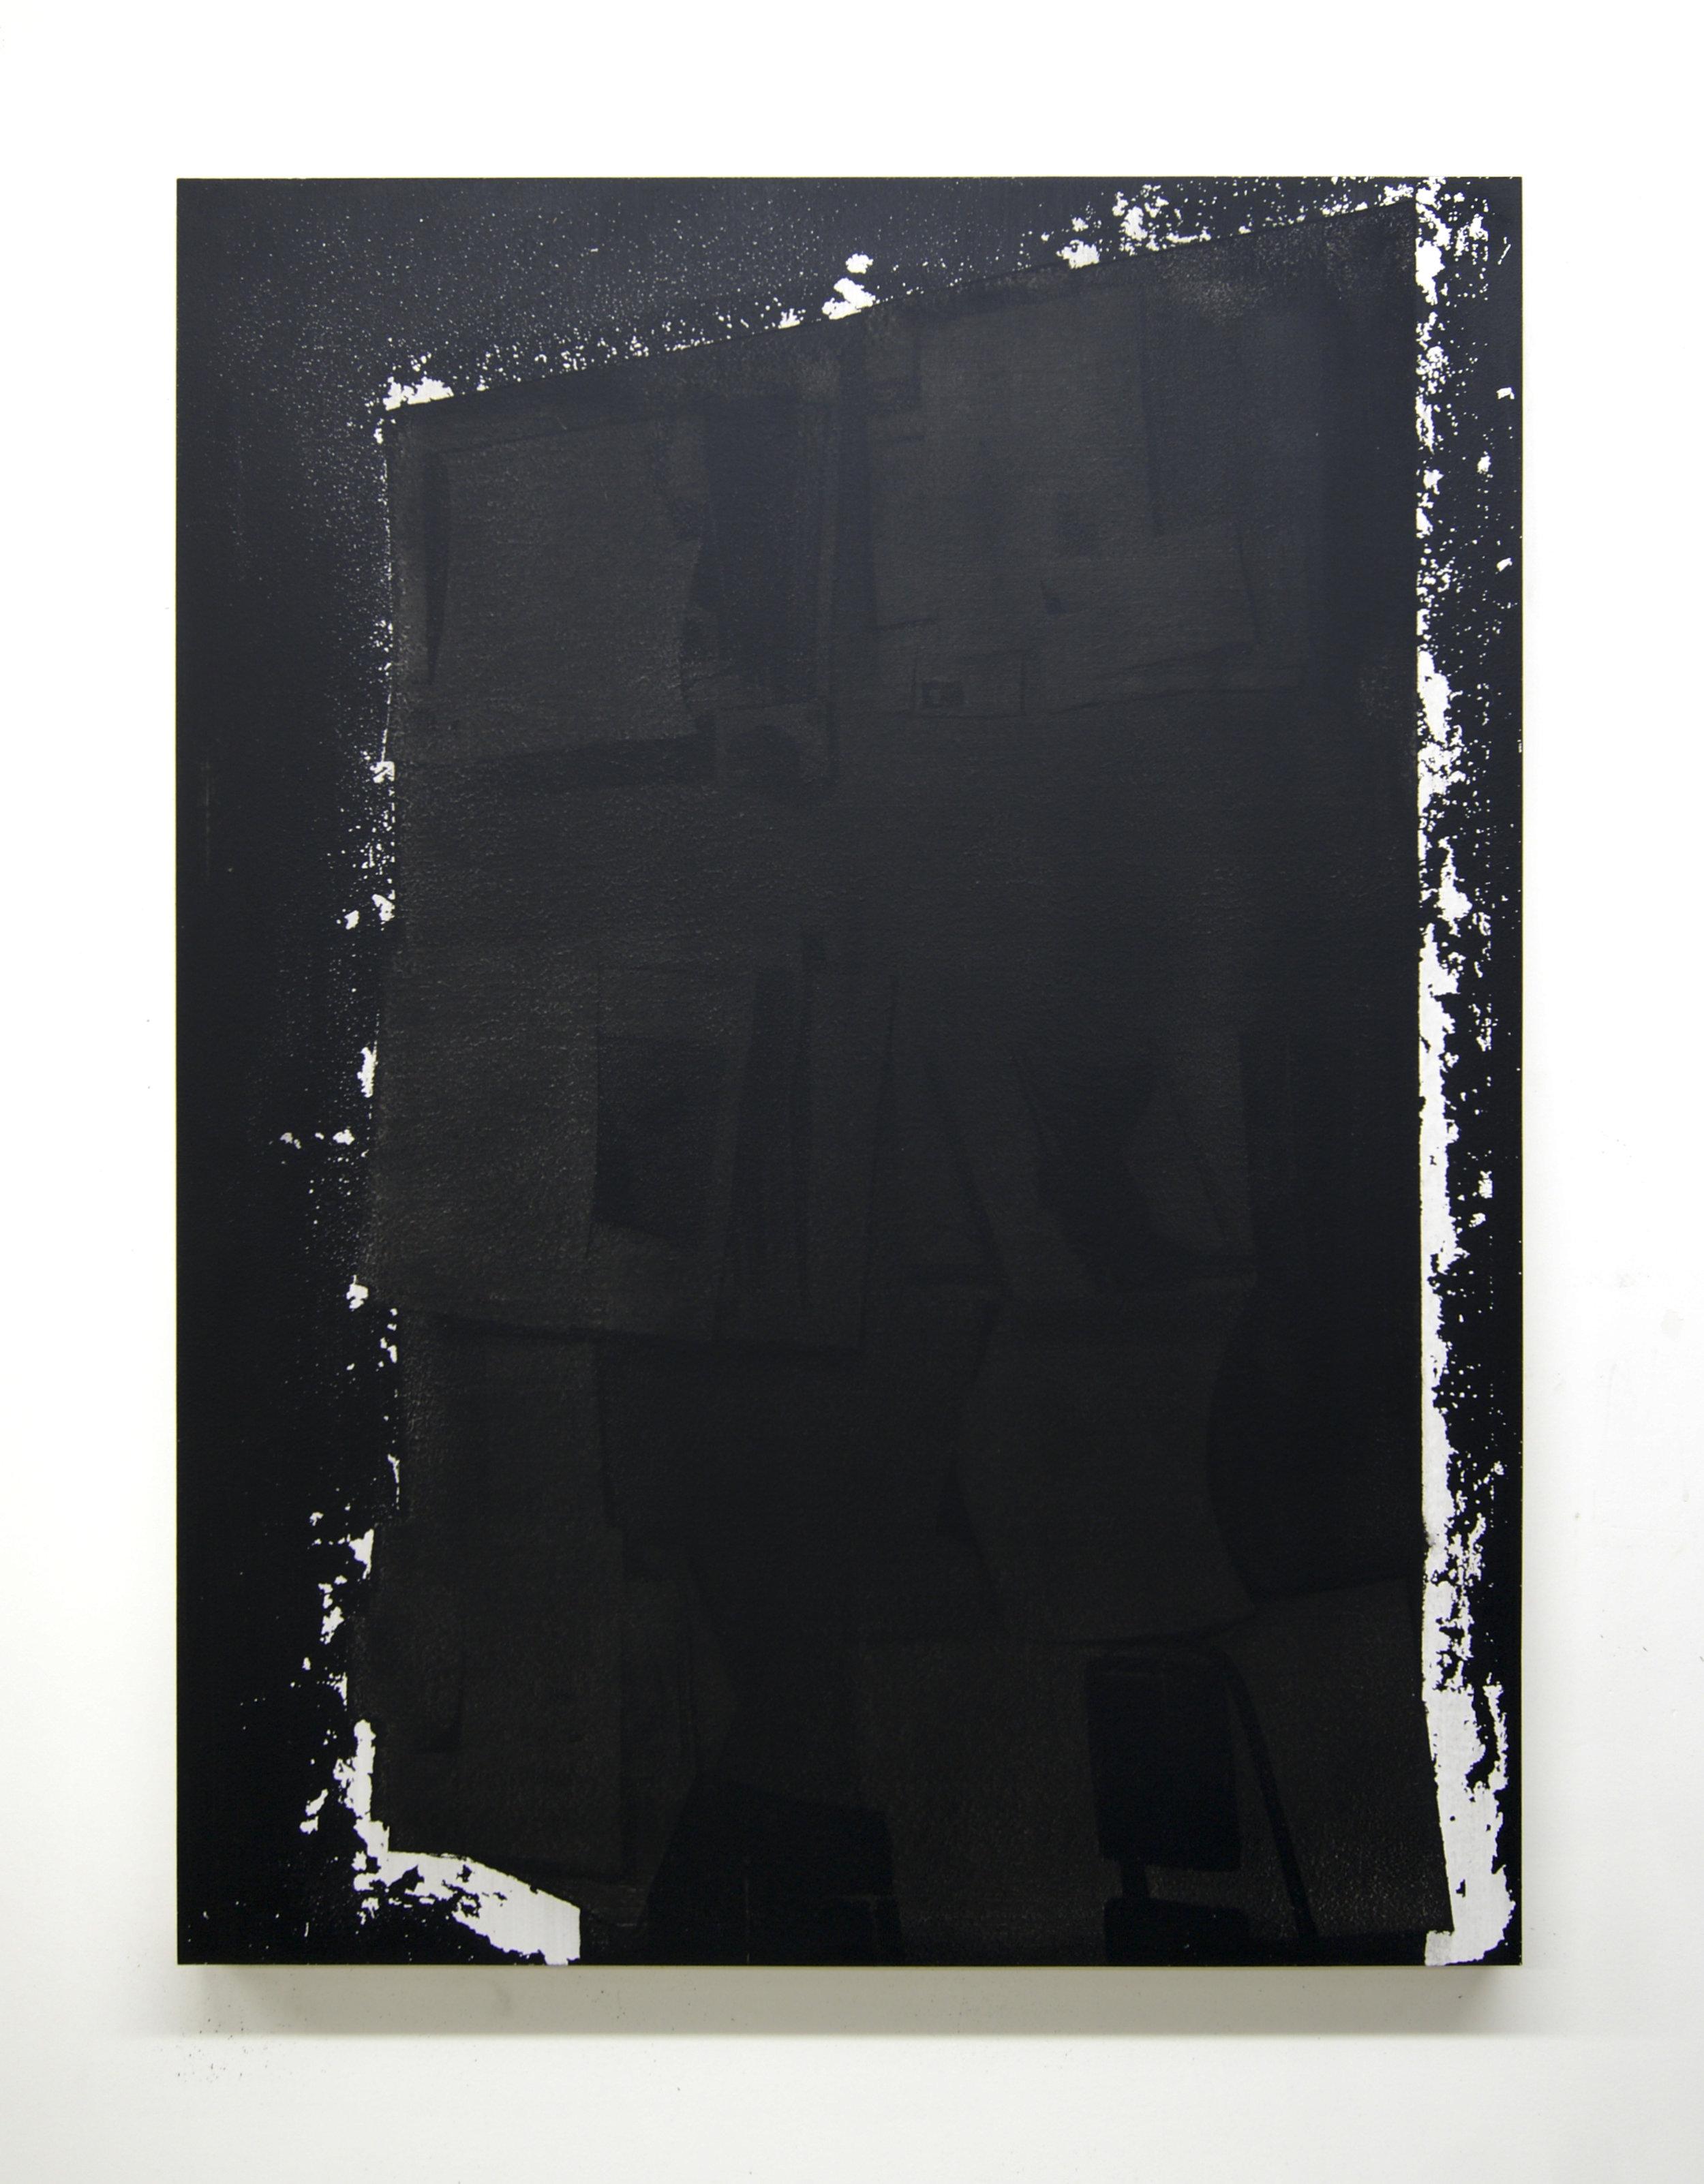 Sleeper, 2016  Acrylic on panel, 48 x 36 inches